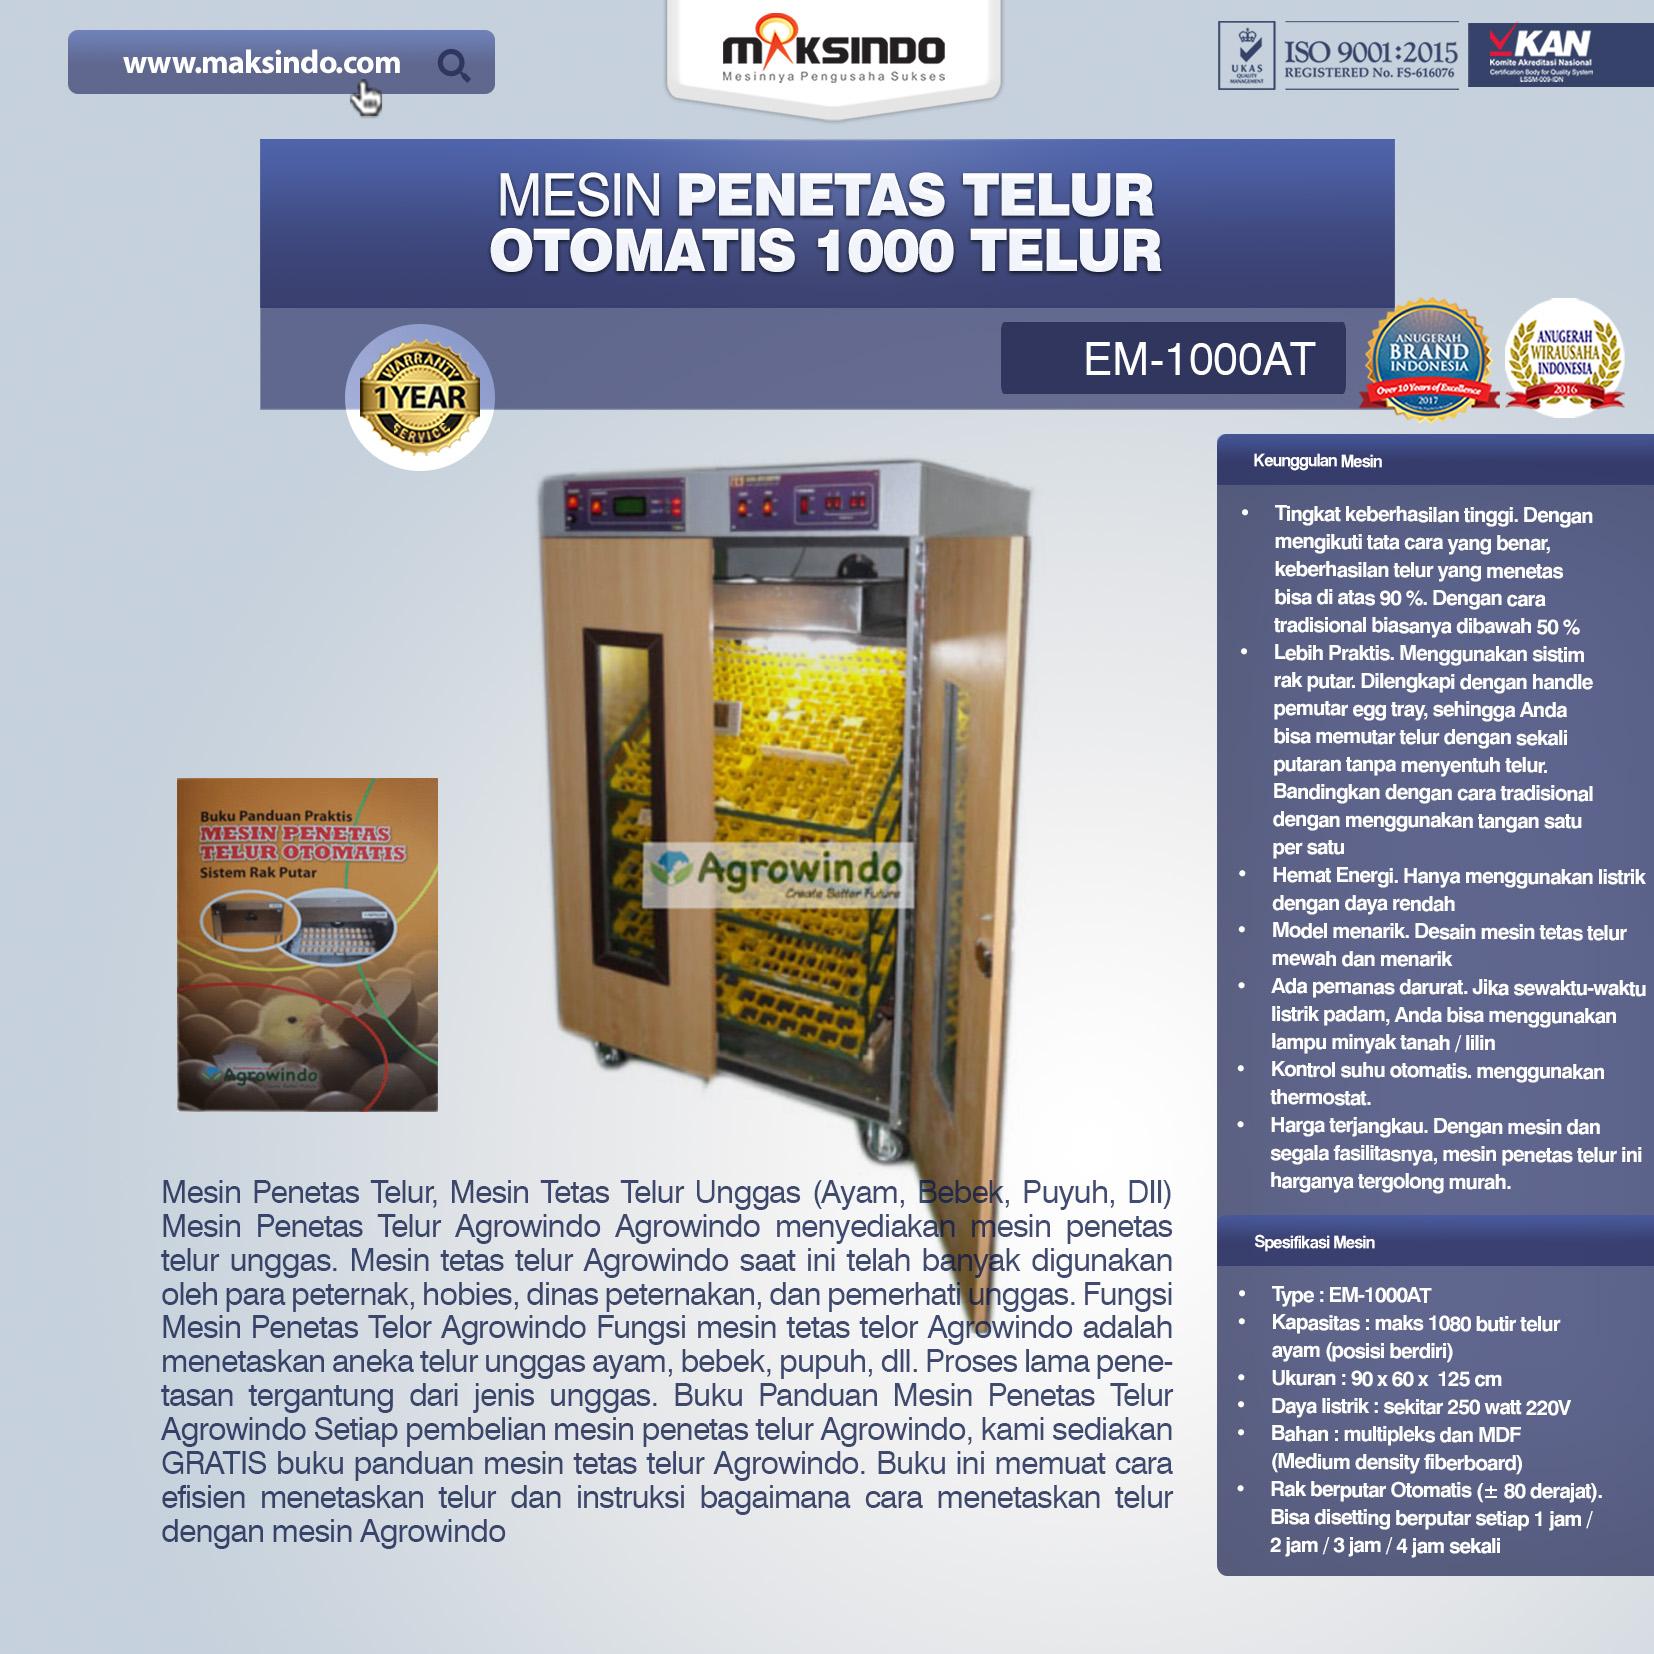 Jual Mesin Penetas Telur Otomatis 100 Telur (EM-100AT) di Bali